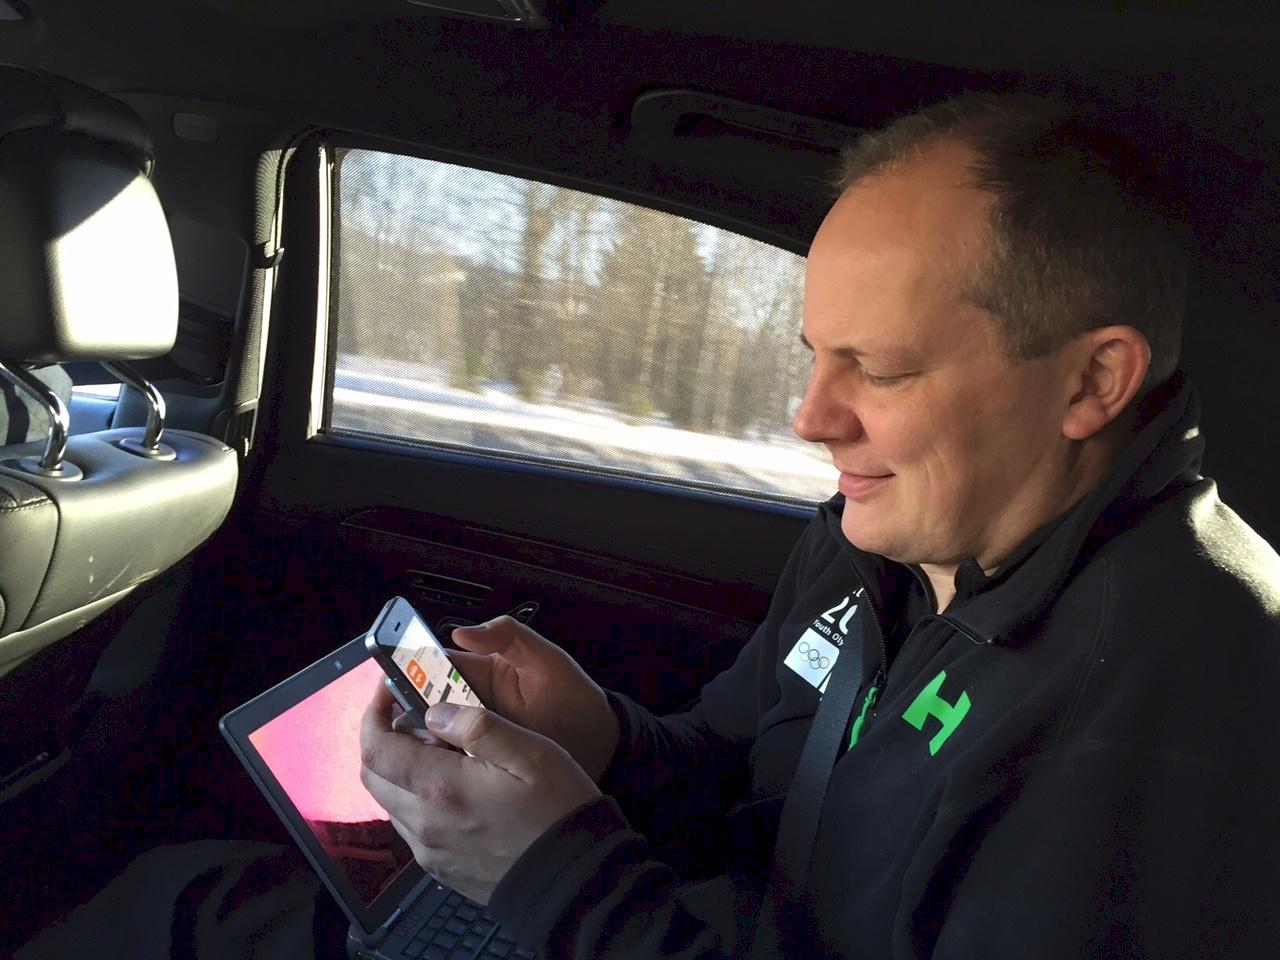 Samferdselsminister Ketil Solvik-Olsen sjekker ut den nye appen «Bil og henger». FOTO: Samferdselsdepartementet